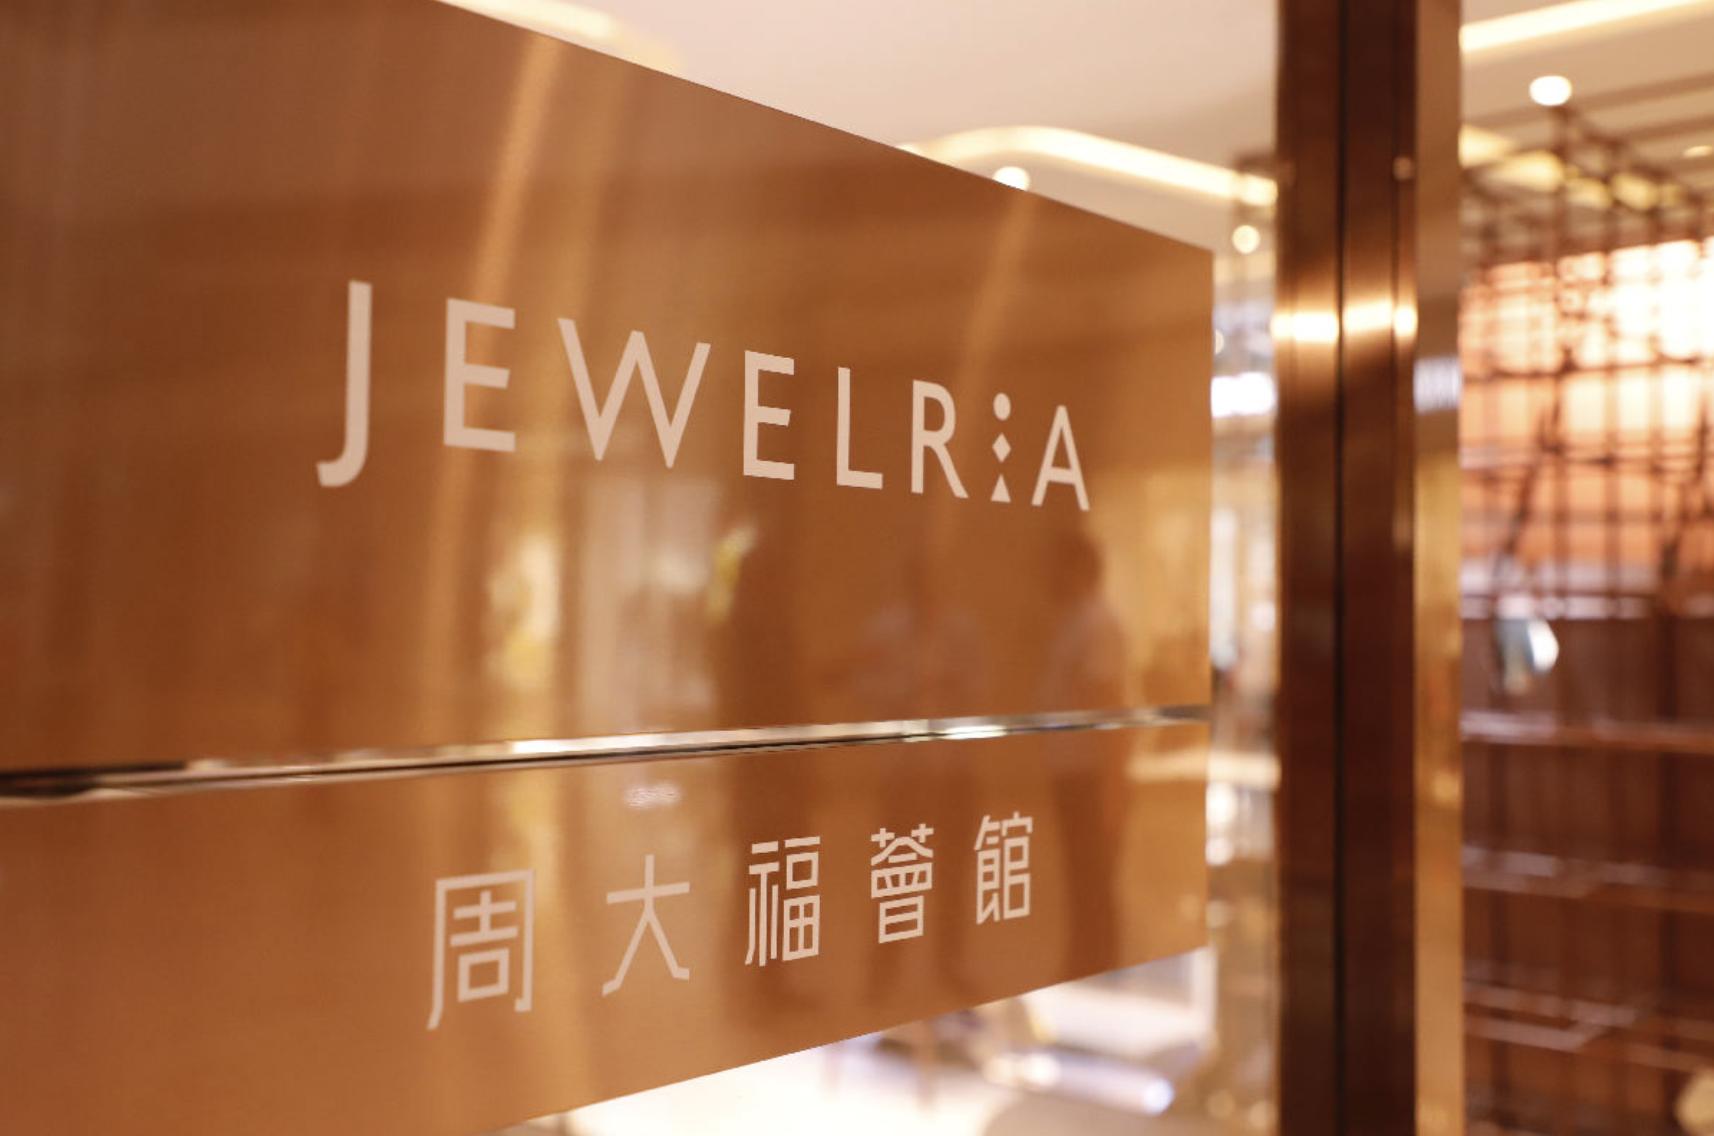 海外珠宝品牌进入中国市场不必再单打独斗丨《华丽志》独家专访周大福珠宝集团执行董事廖振为